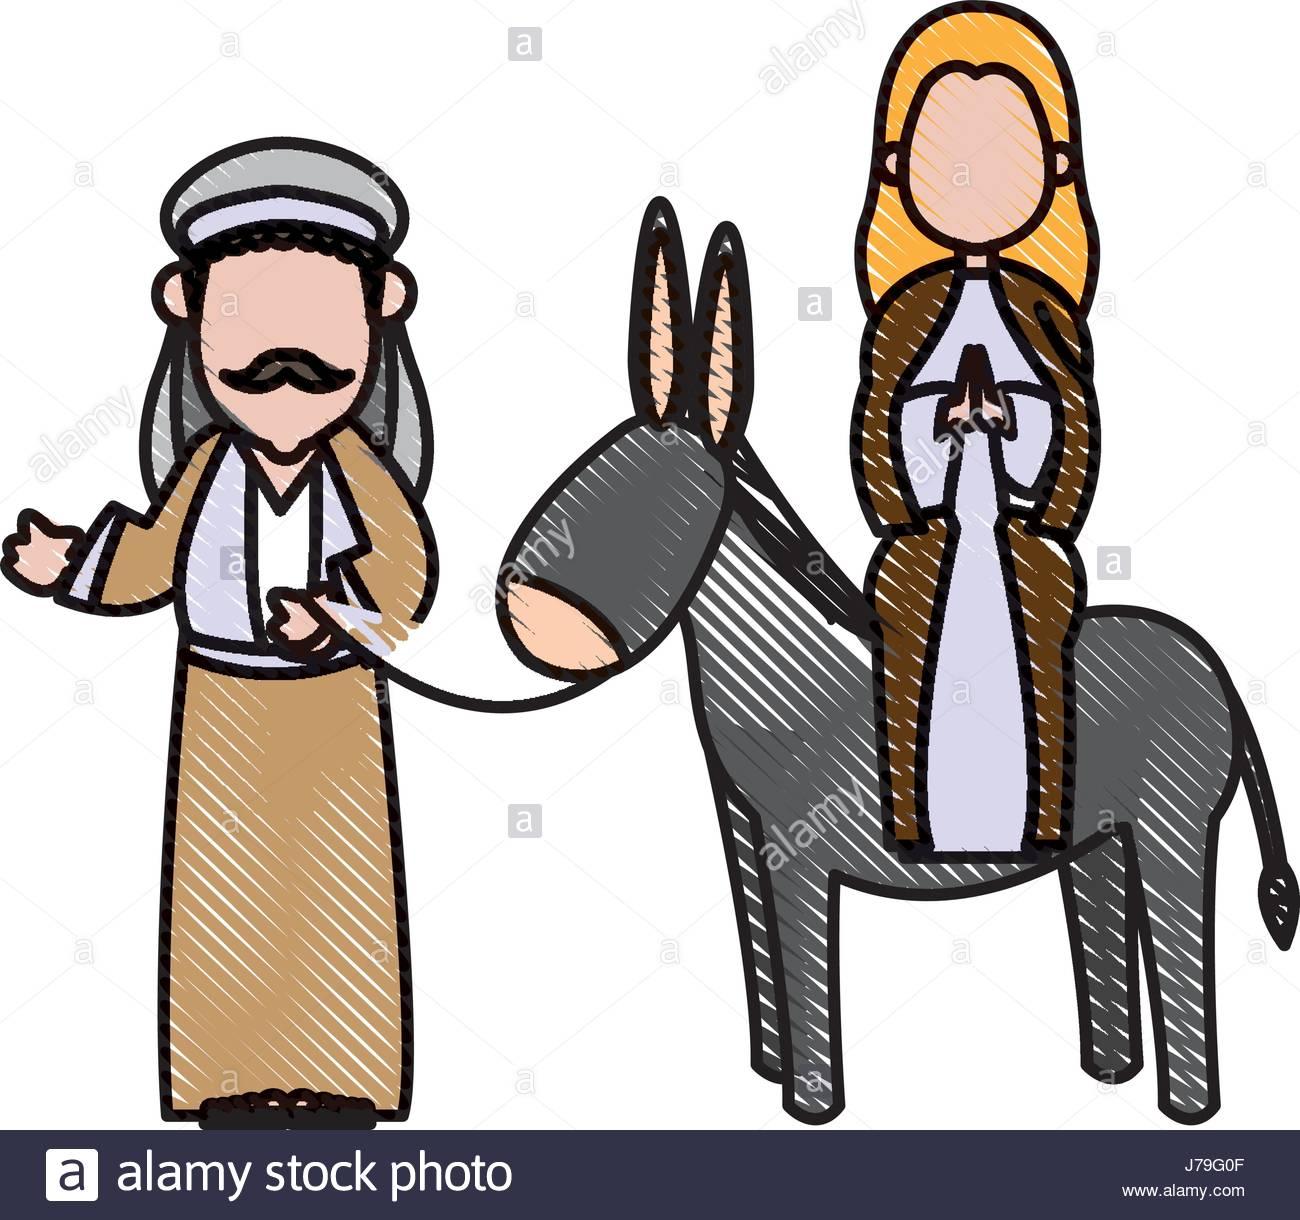 Mary And Joseph And Donkey Stock Photos & Mary And Joseph And Donkey.